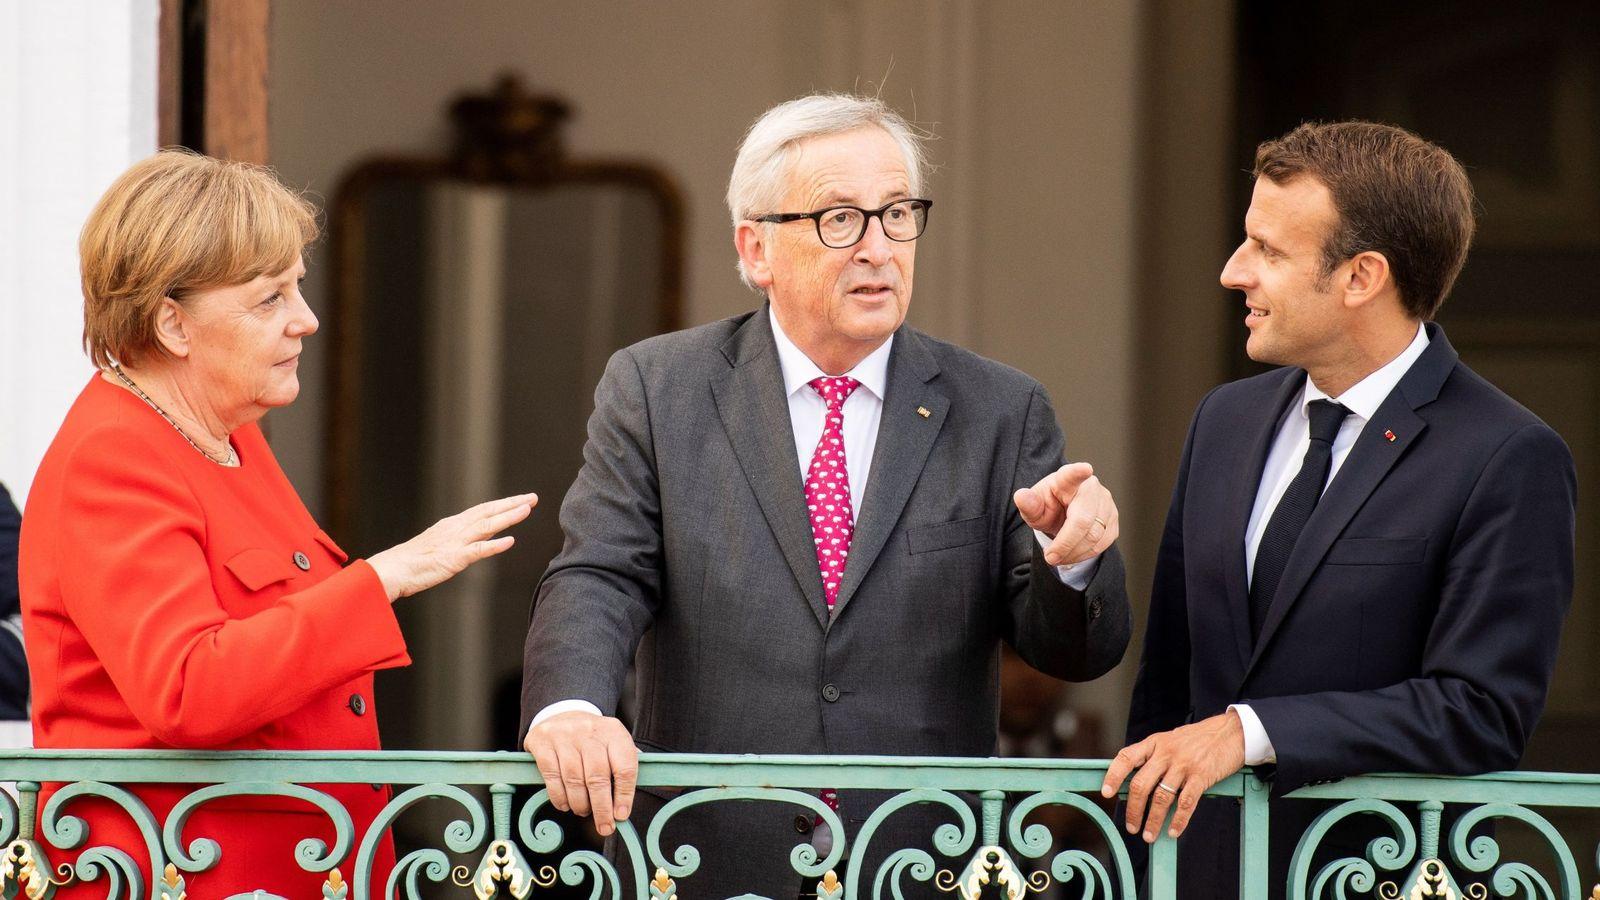 Foto: Macron y Merkel, en la reunión en que sellaron un gran acuerdo para el euro y la migración, con Jean-Claude Juncker. (EFE)